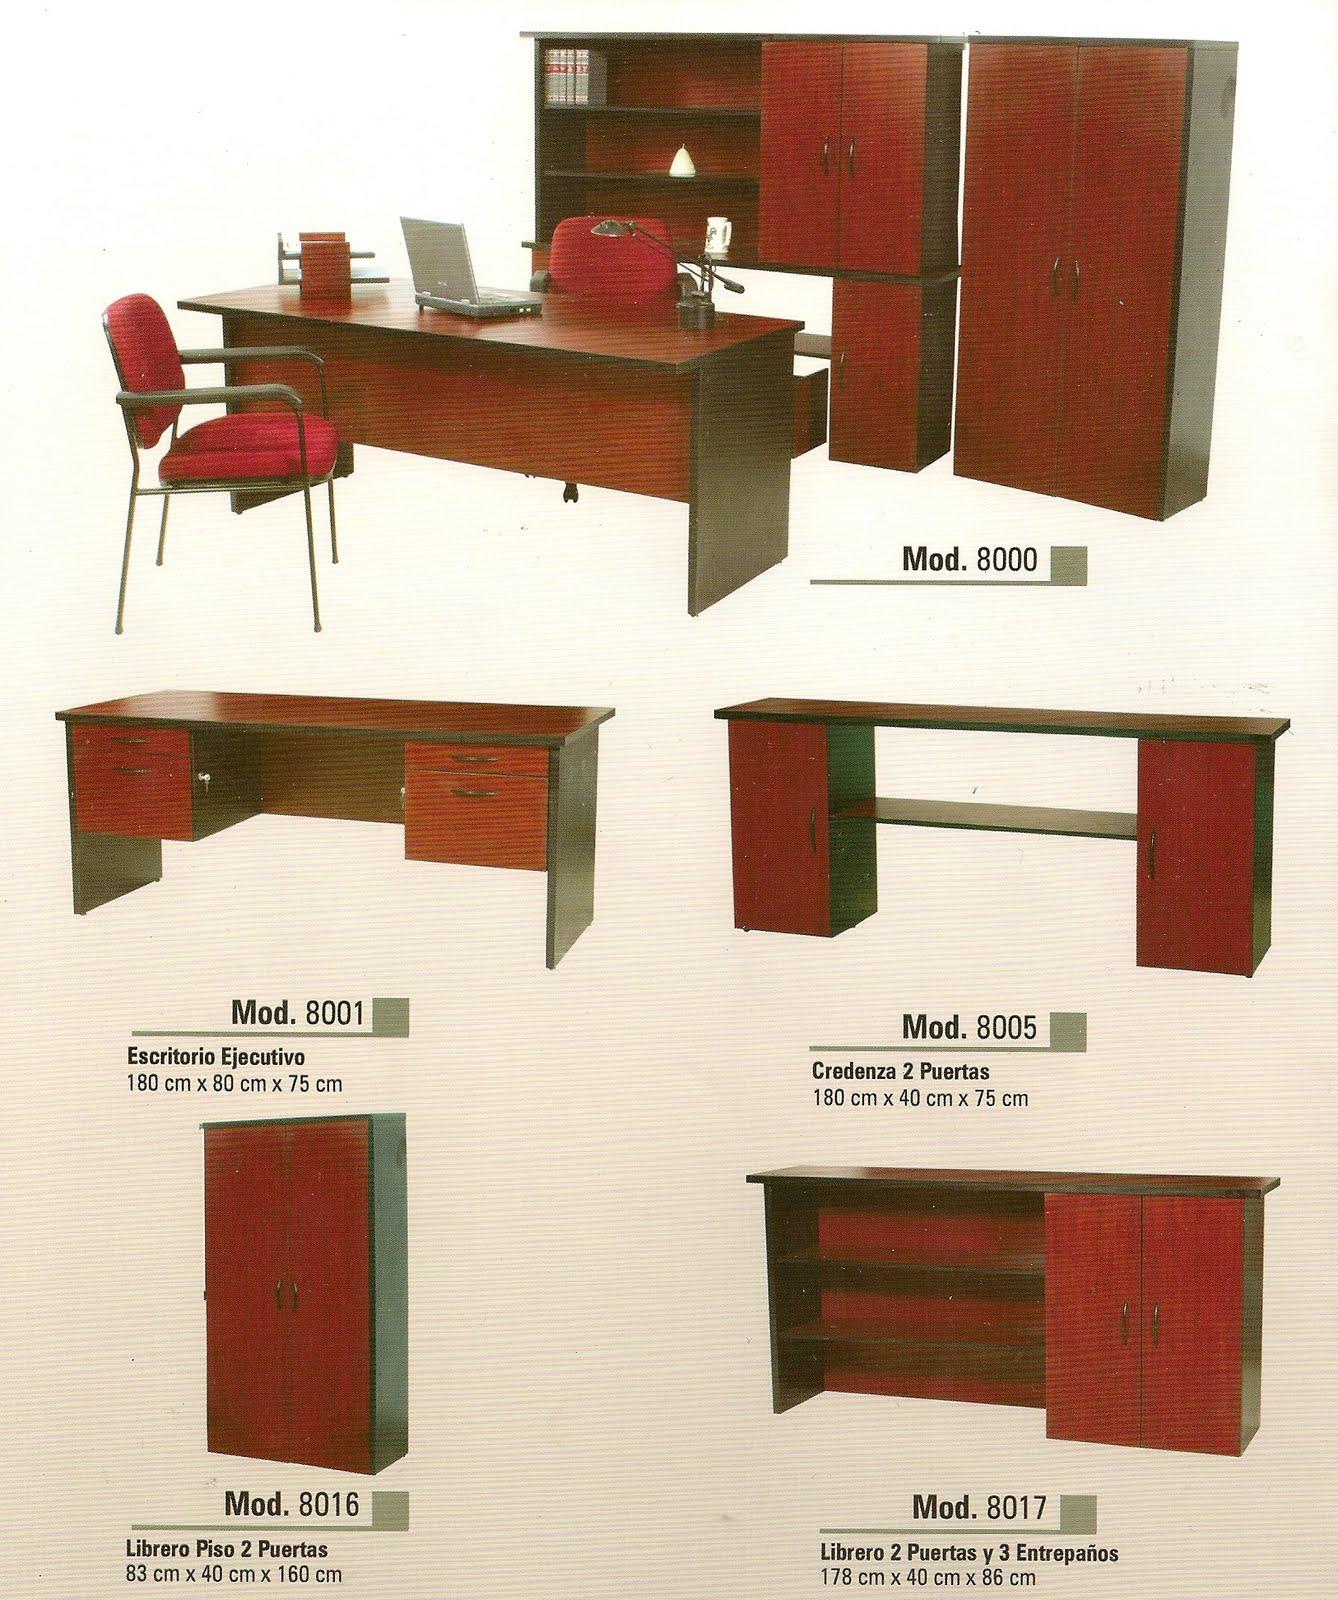 San lucas textiles muebles para oficina escritorios for Escritorio mueble oficina